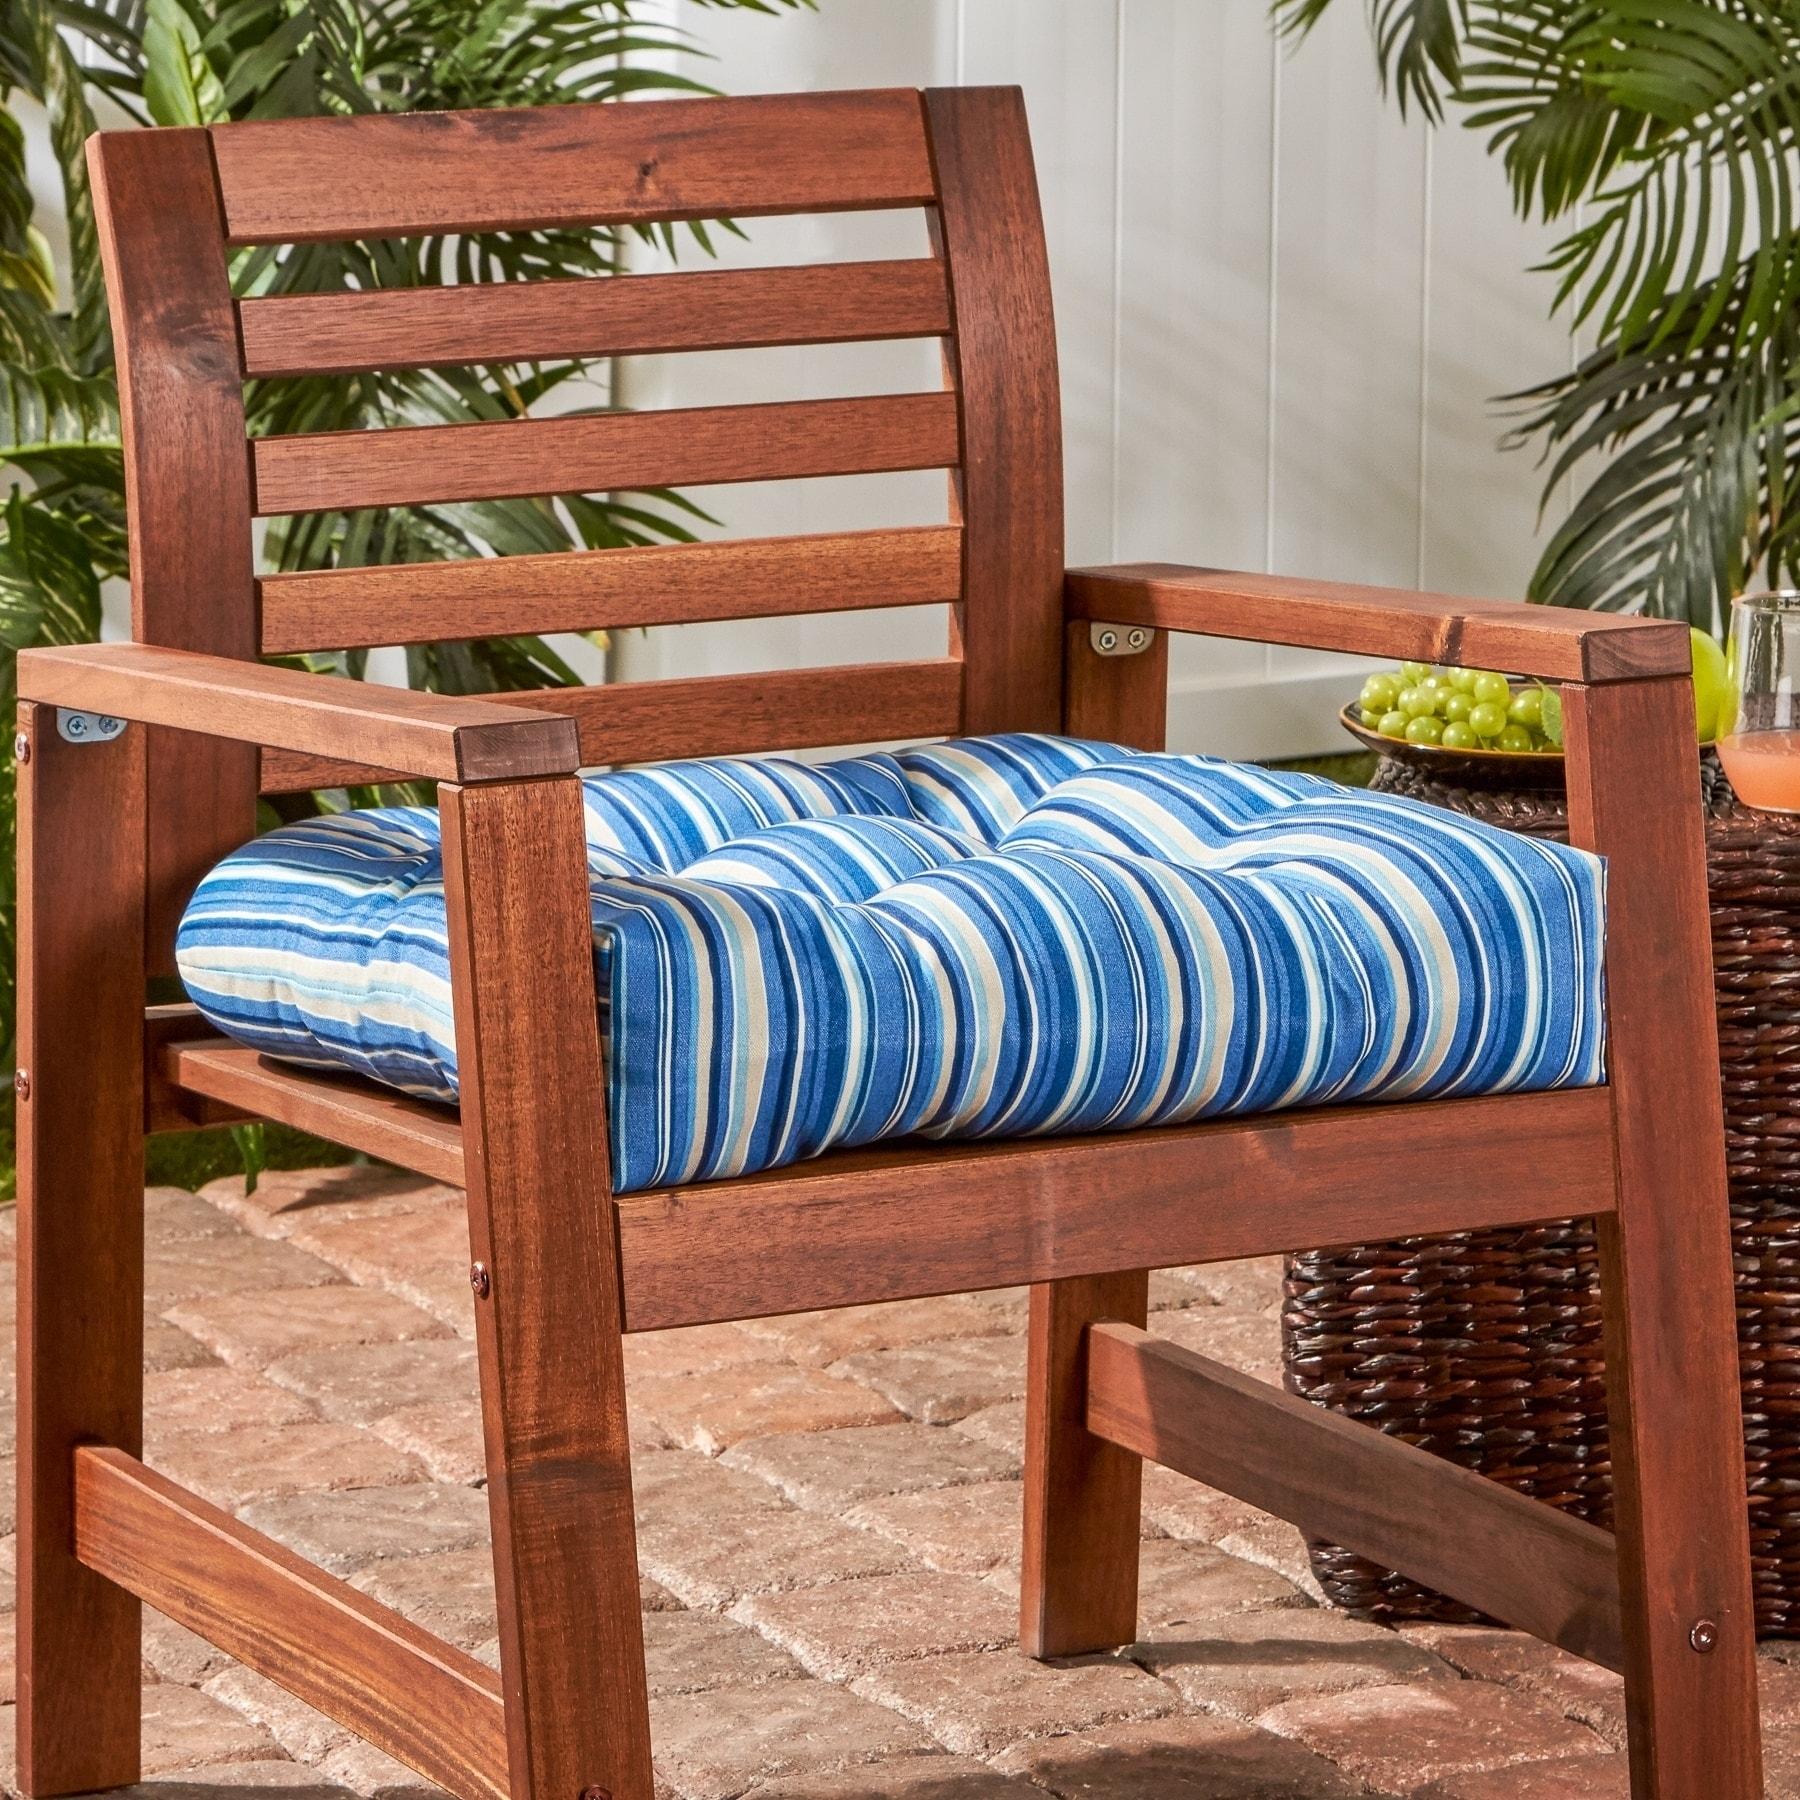 Stripe 20 Inch Outdoor Chair Cushion